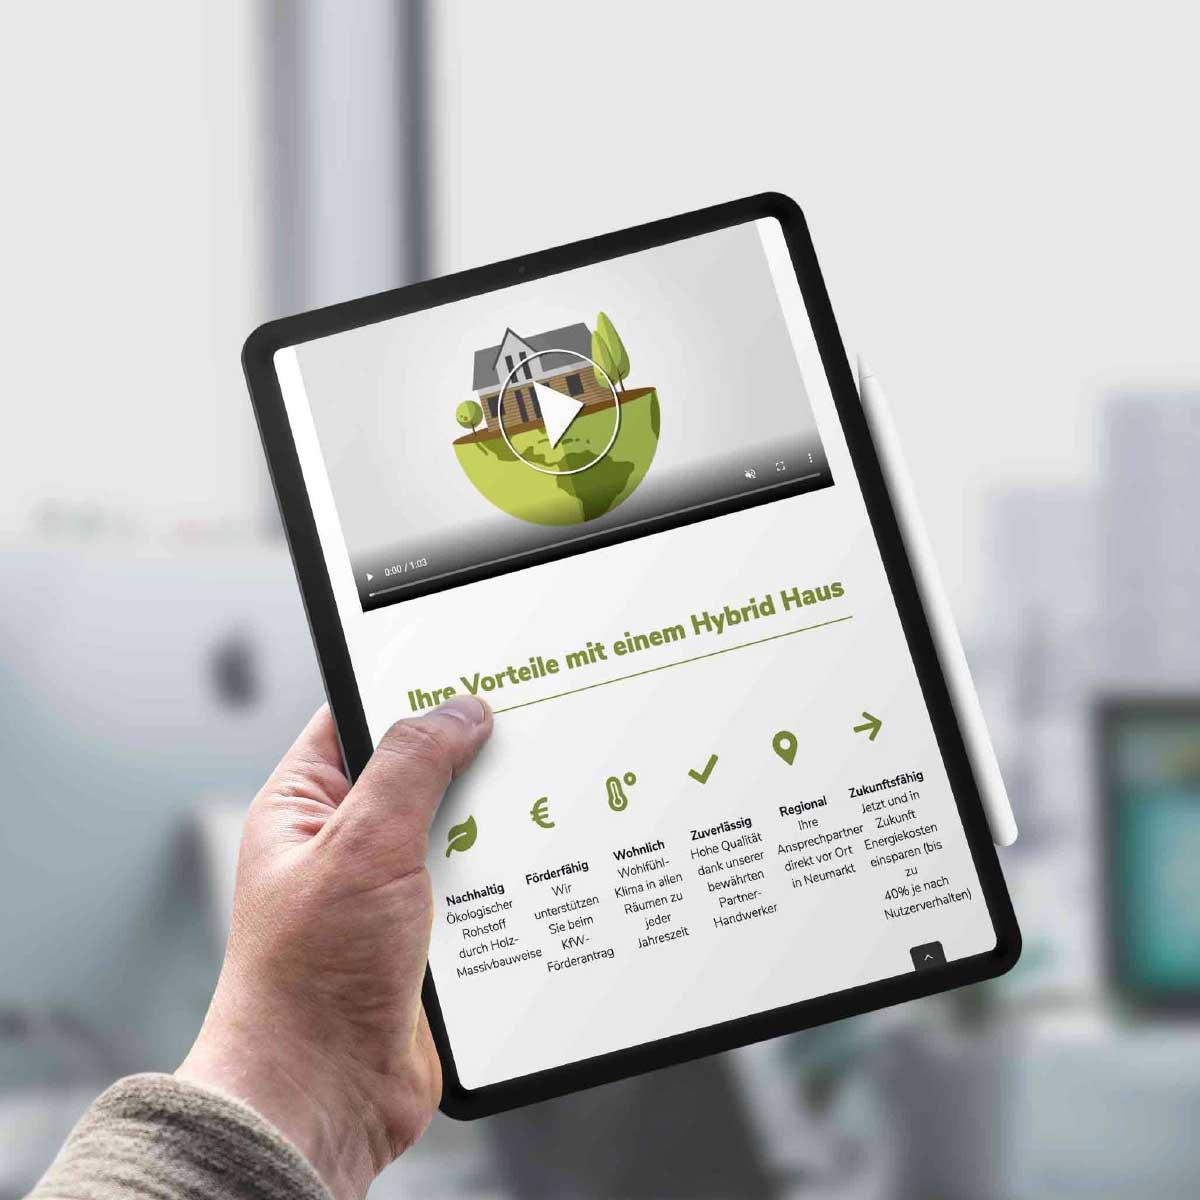 mr. pixel KG | Hybrid Haus| Vorteile